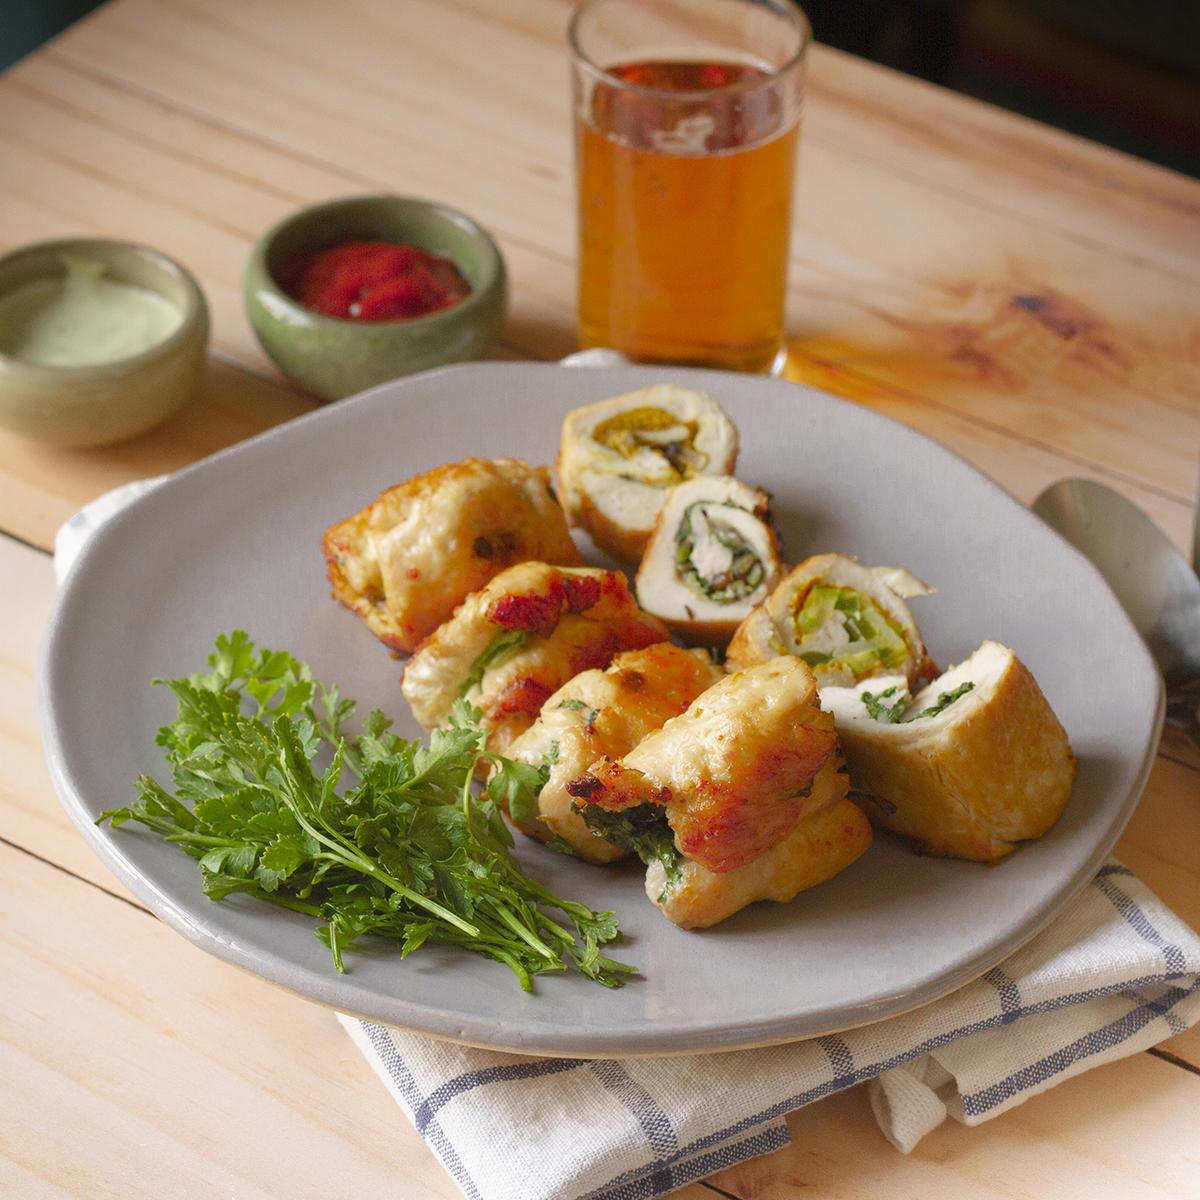 طرز تهیه رول مرغ با پنیر و سبزیجات